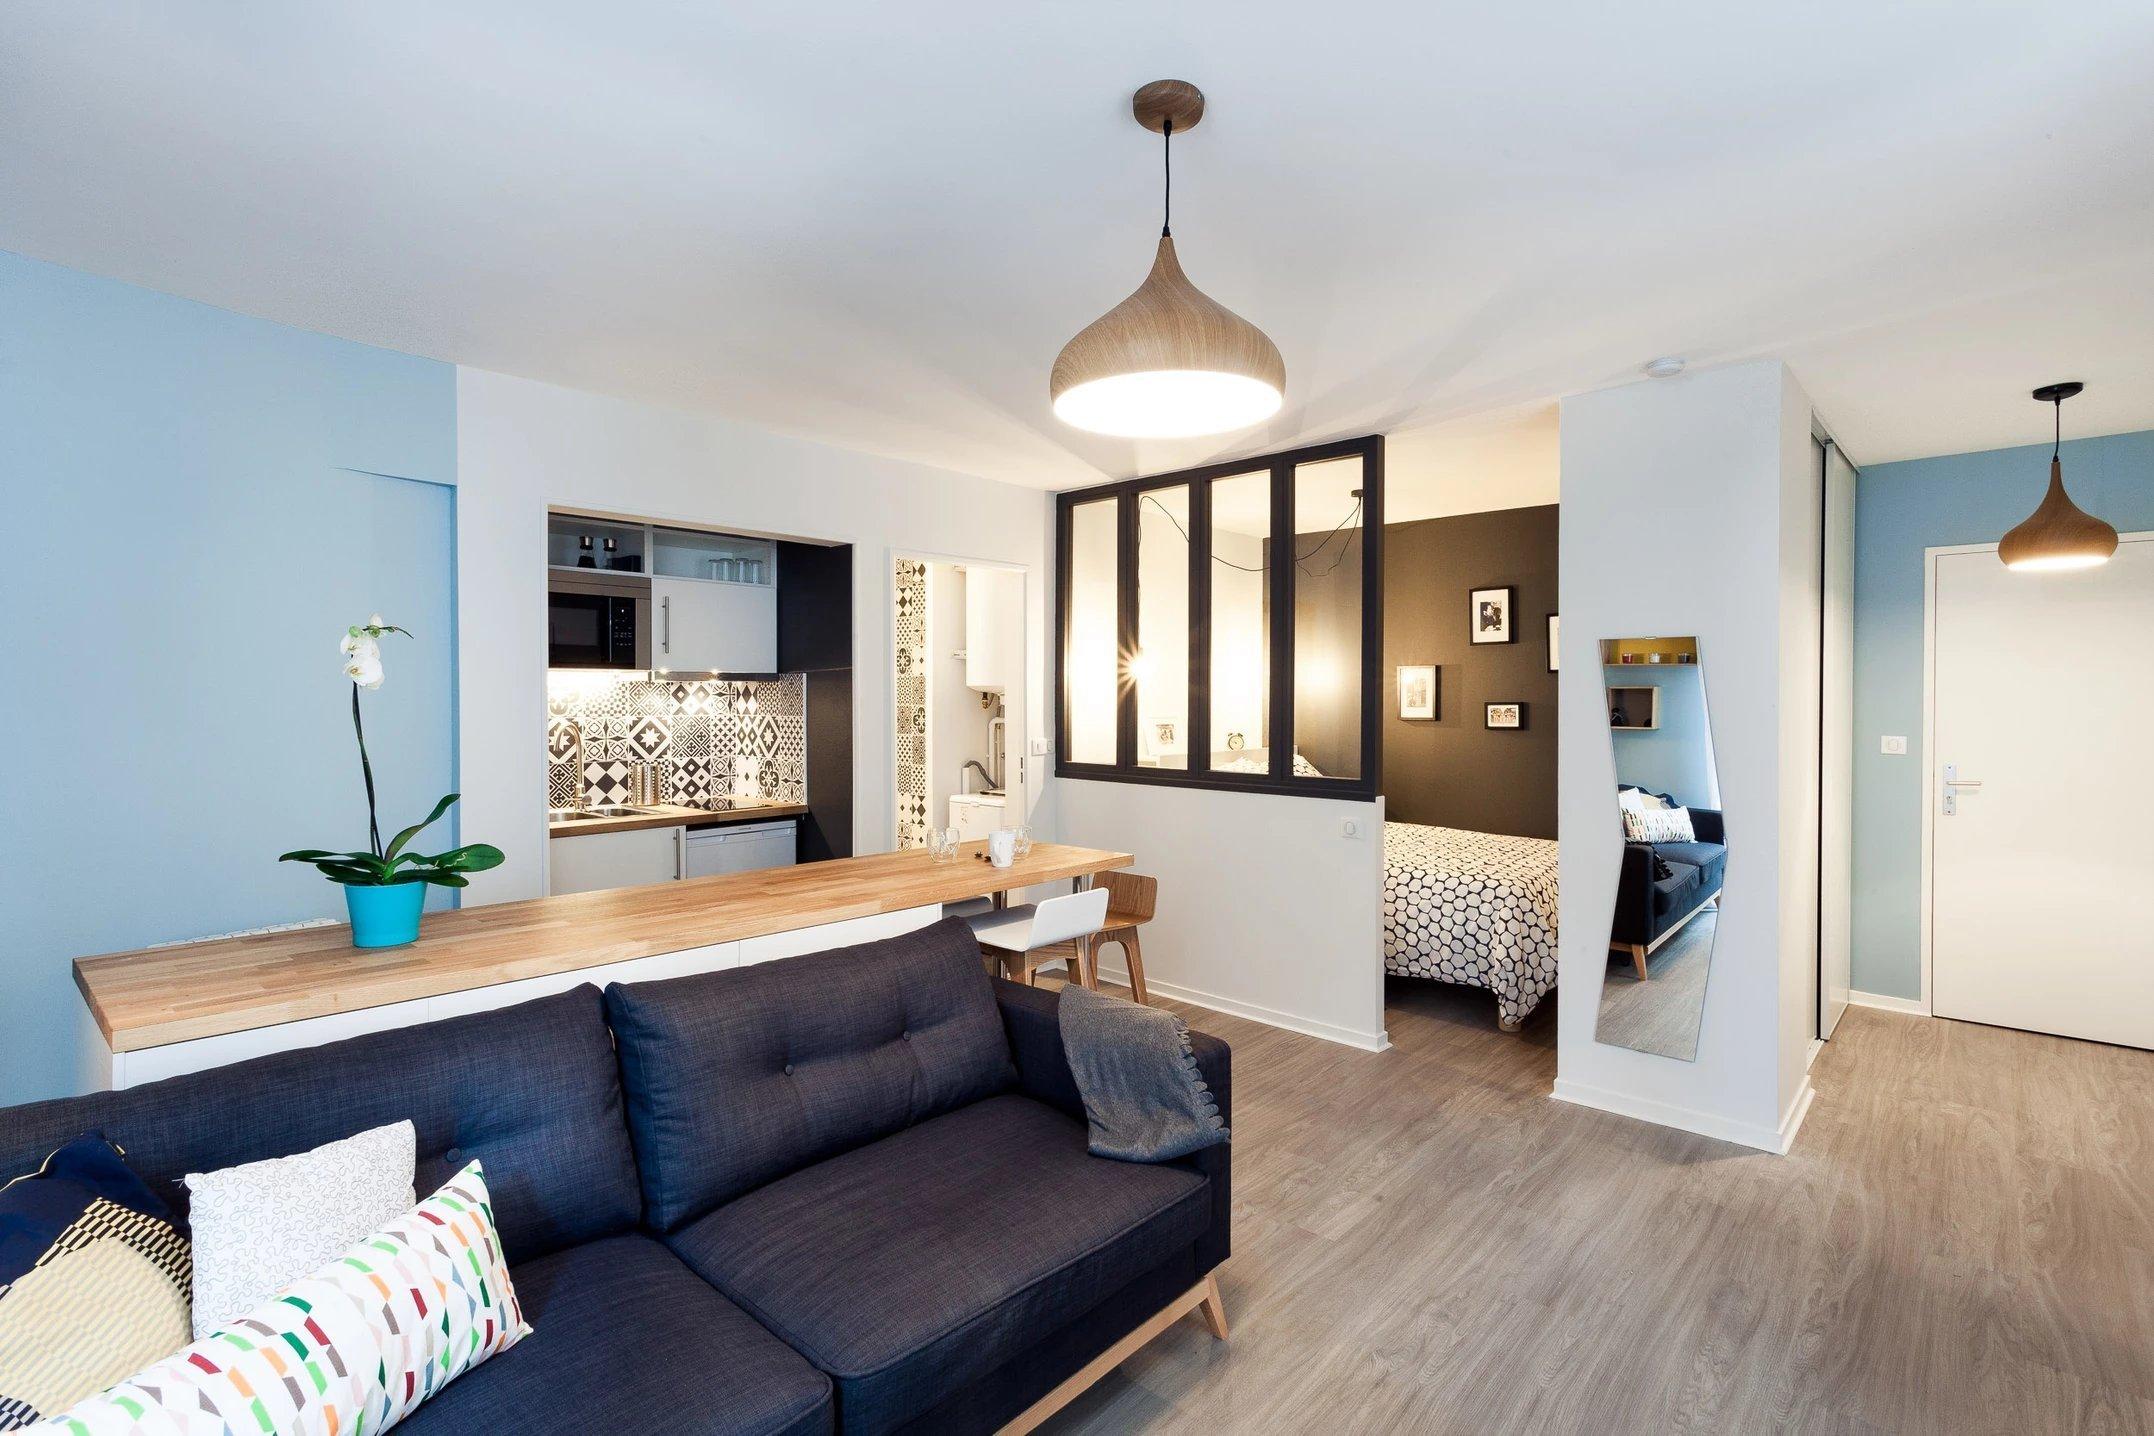 Rekonstrukce proměnila starý a velmi tmavý byt na pohádkové bydlení pro mladou single ženu. I na  30 m2  lze vytvořit plnohodnotný byt ve skandinávském stylu.